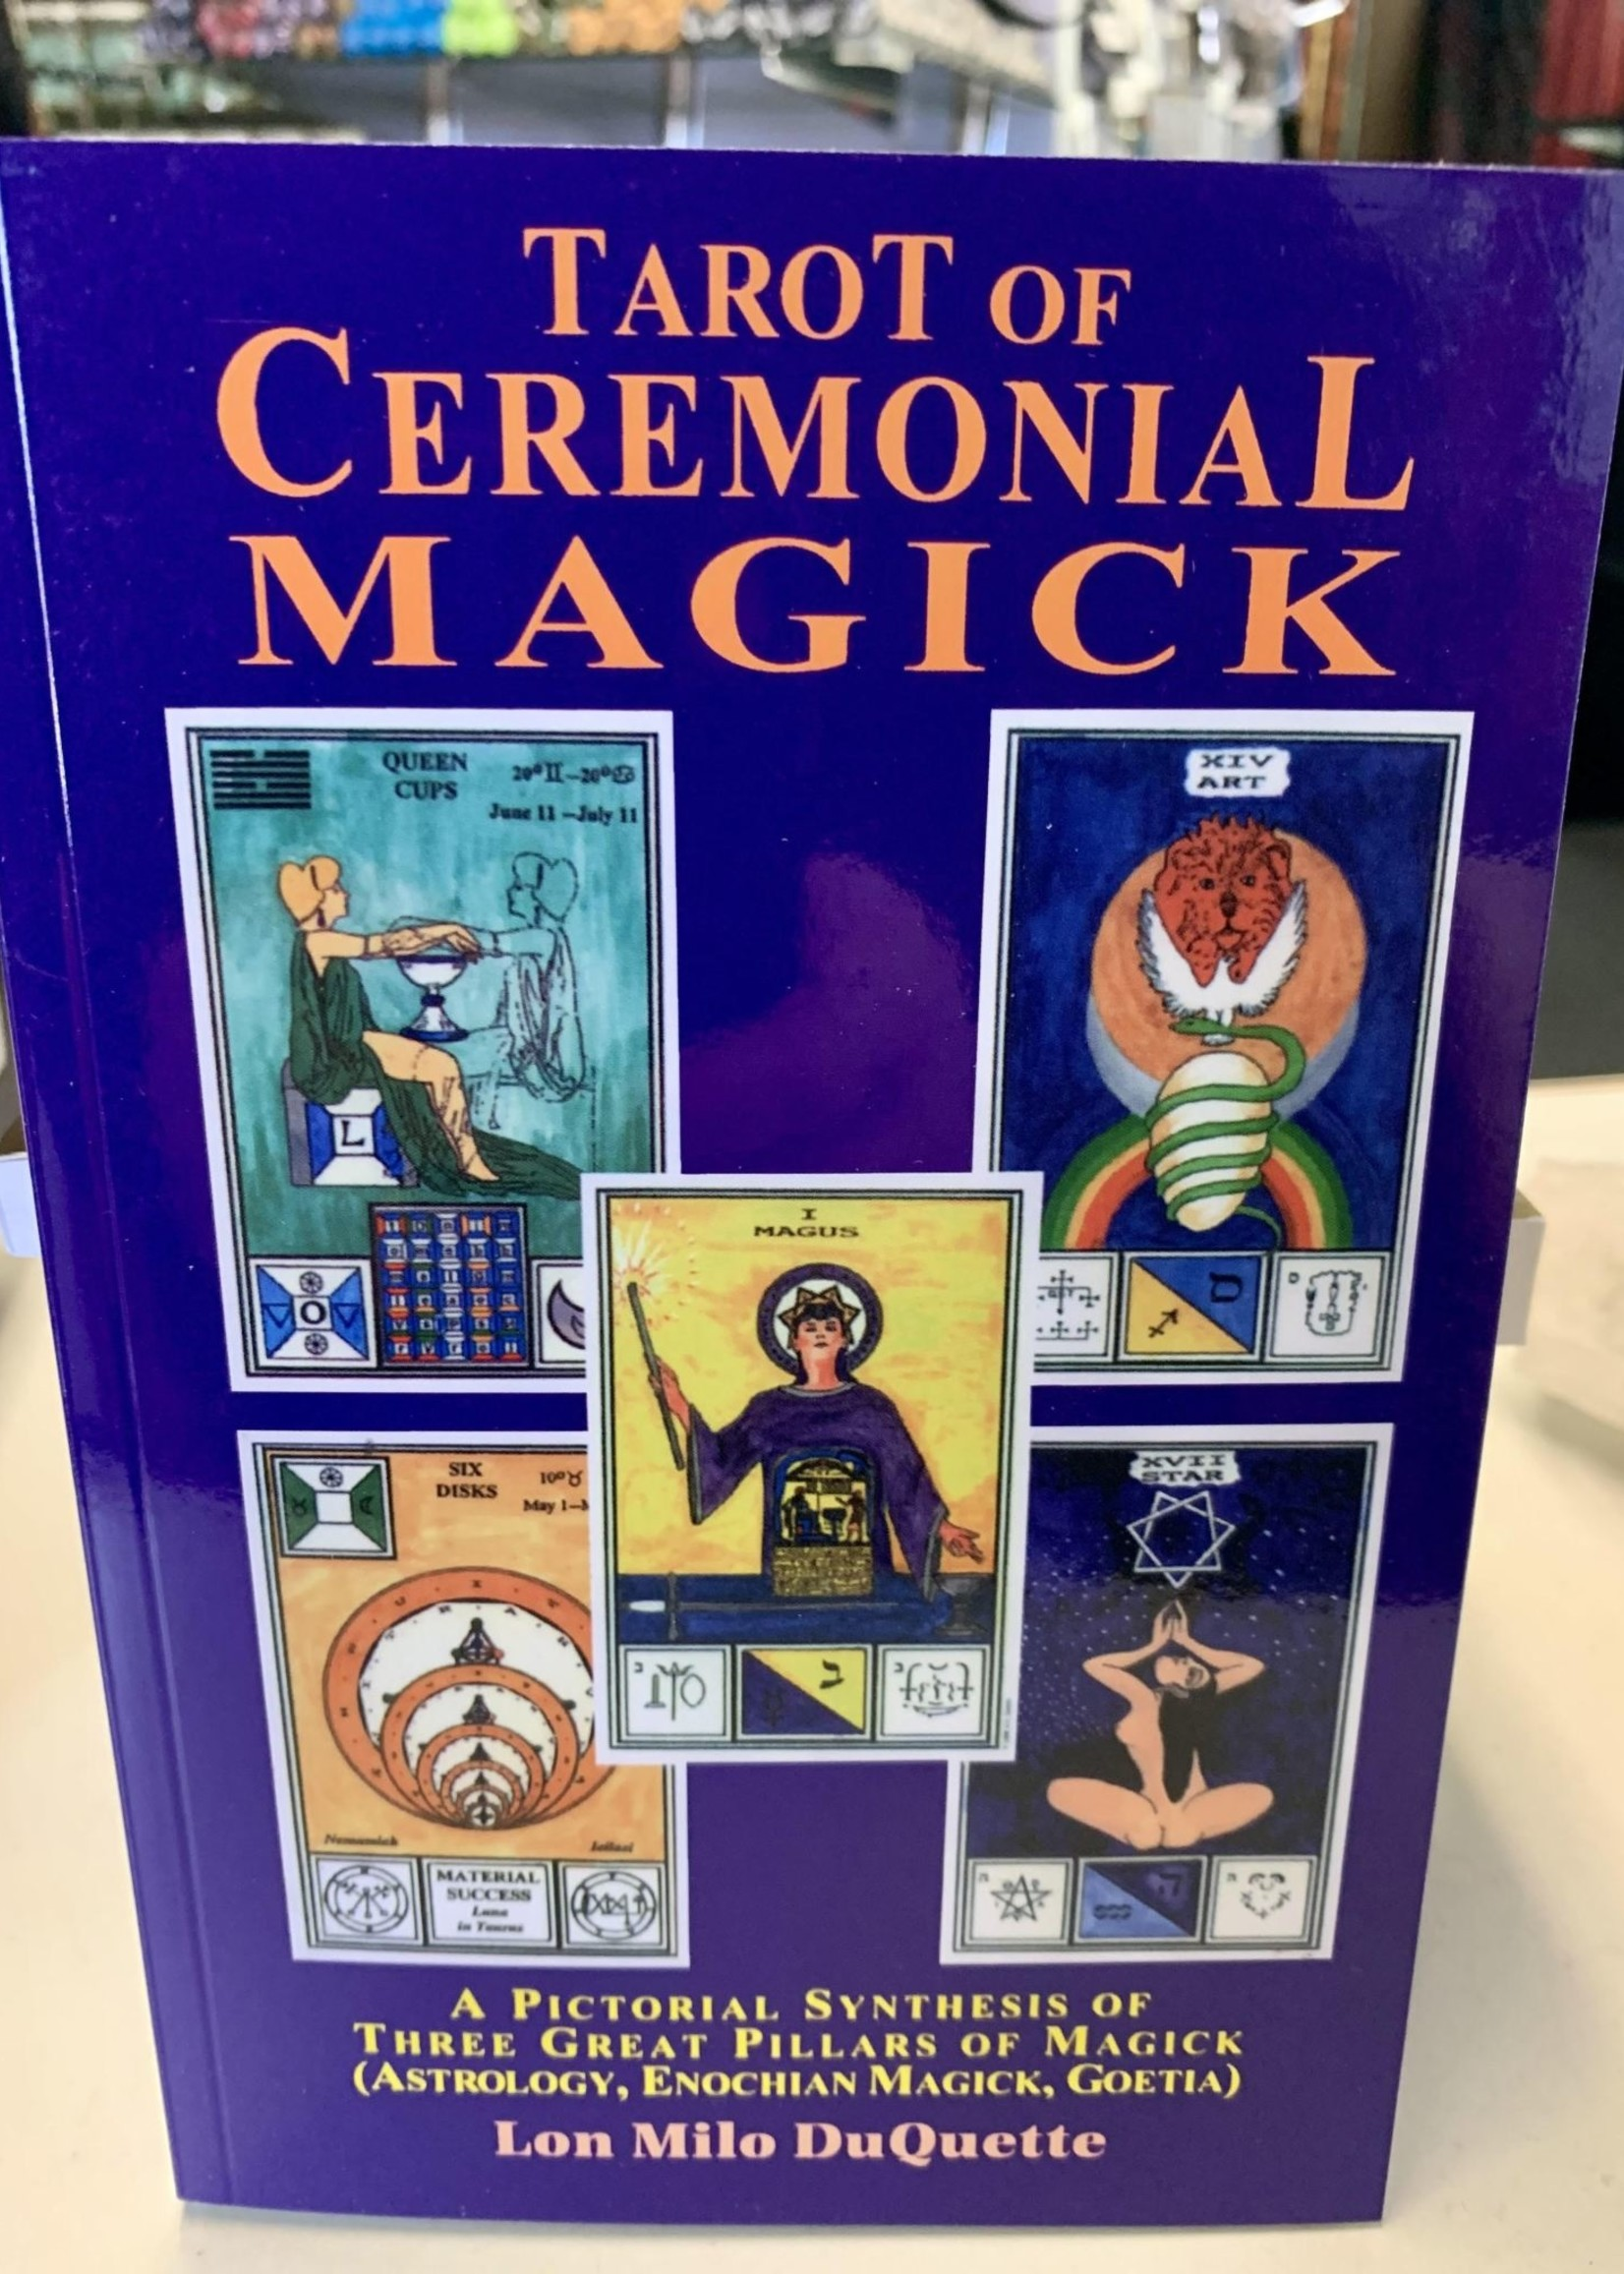 The Tarot of Ceremonial Magick